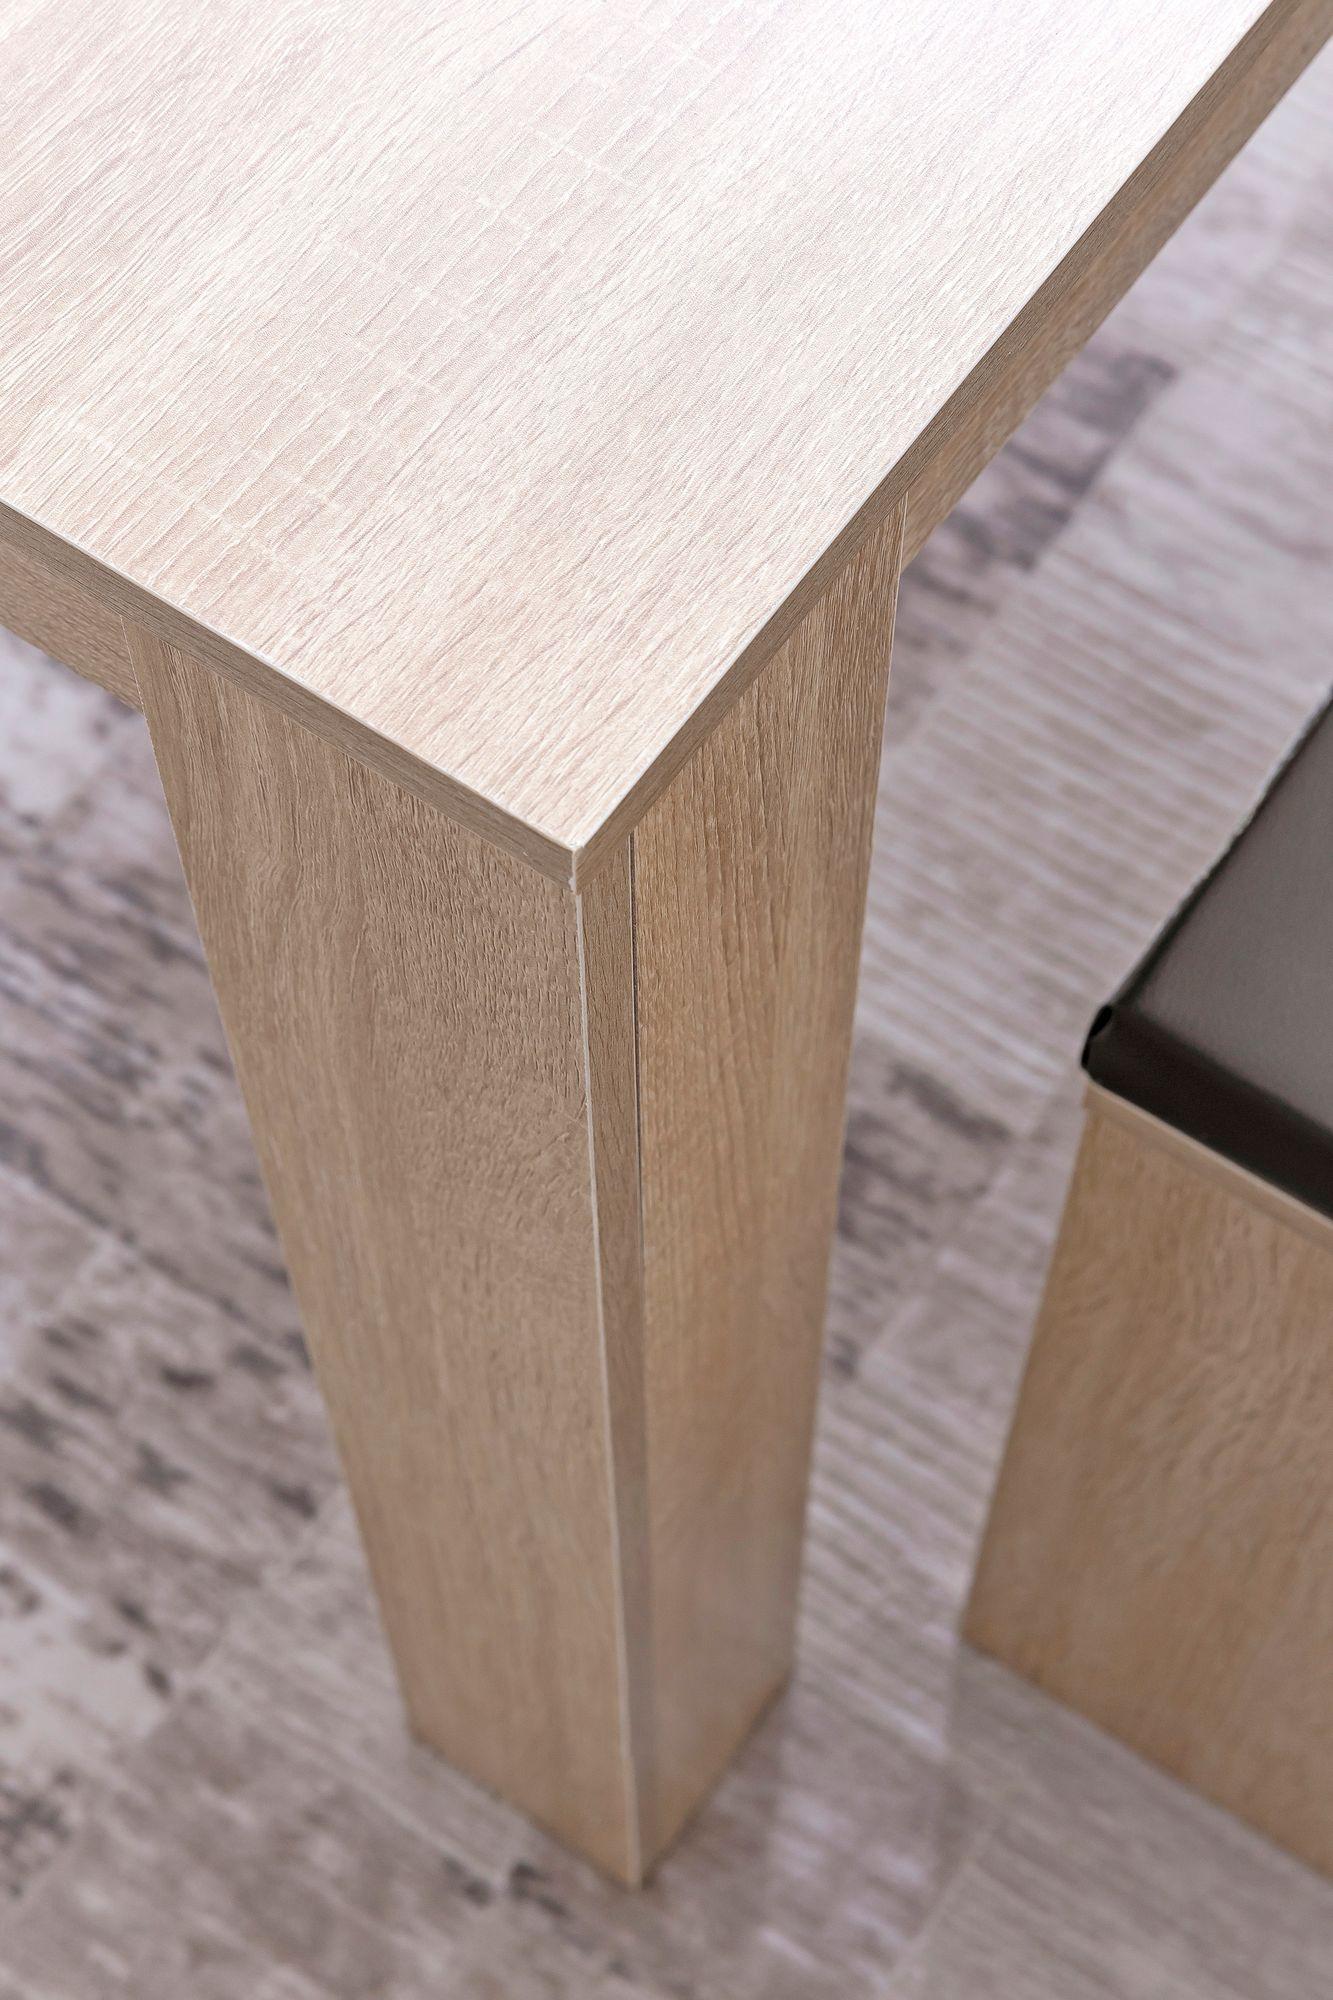 Finebuy Esszimmer Set Fb51797 Sonoma Eiche Esstisch Mit 2 Banken Holz Modern Essgruppe Tischgruppe Kuche